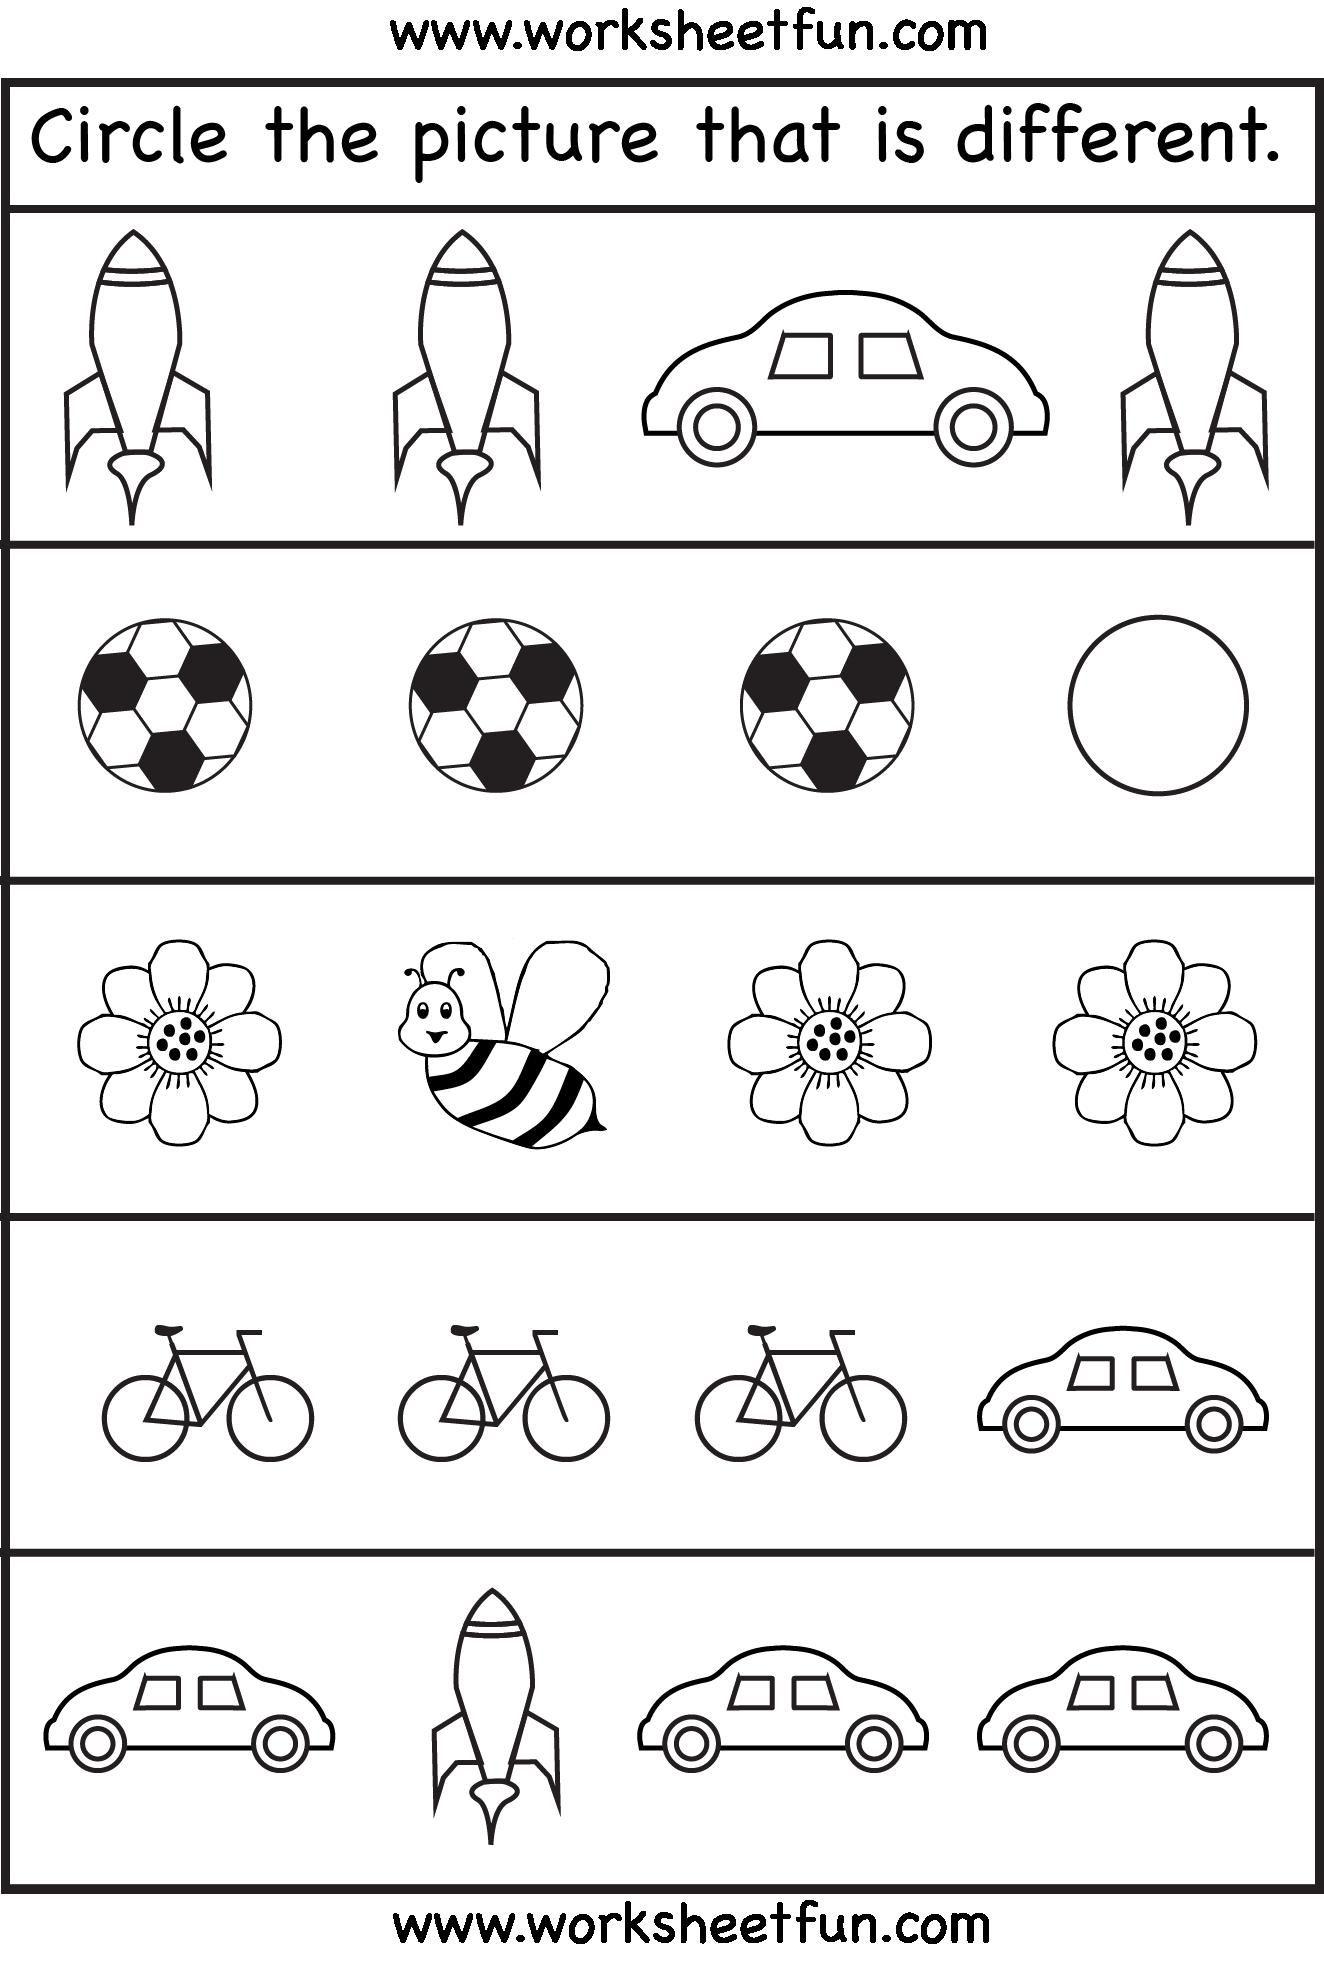 51 Printable Worksheets For Nursery In